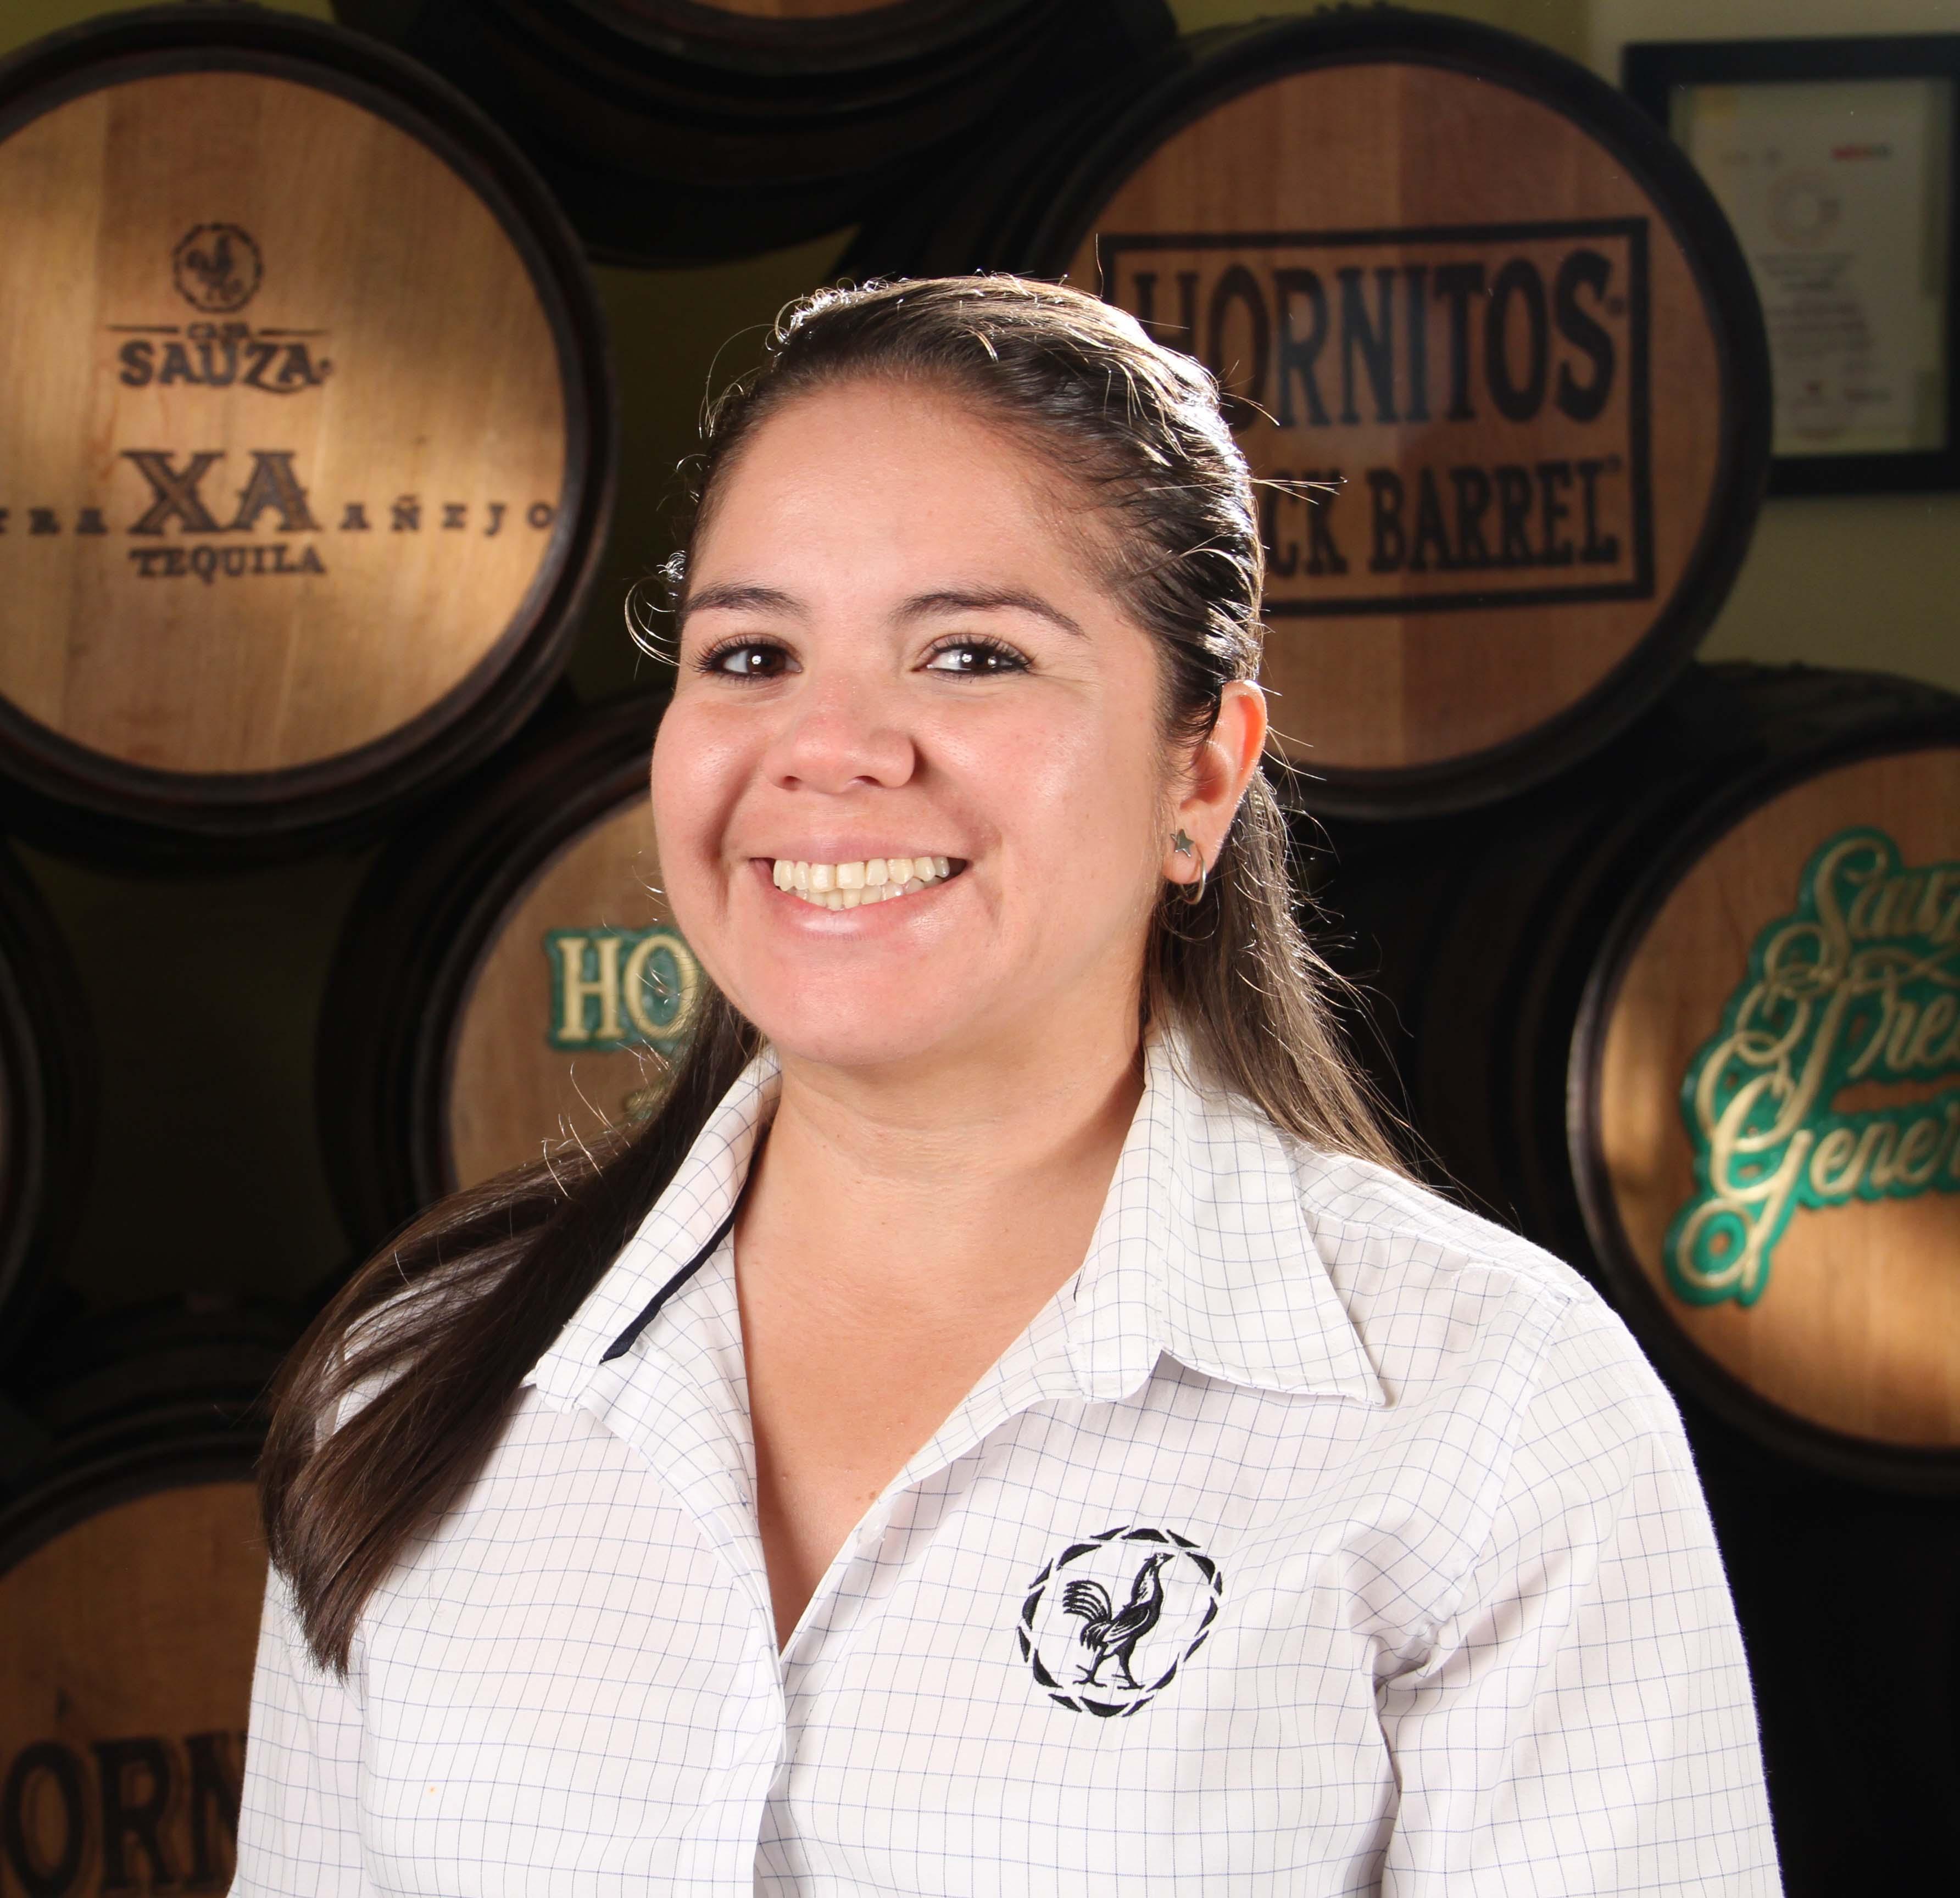 Betzabeth Castillo